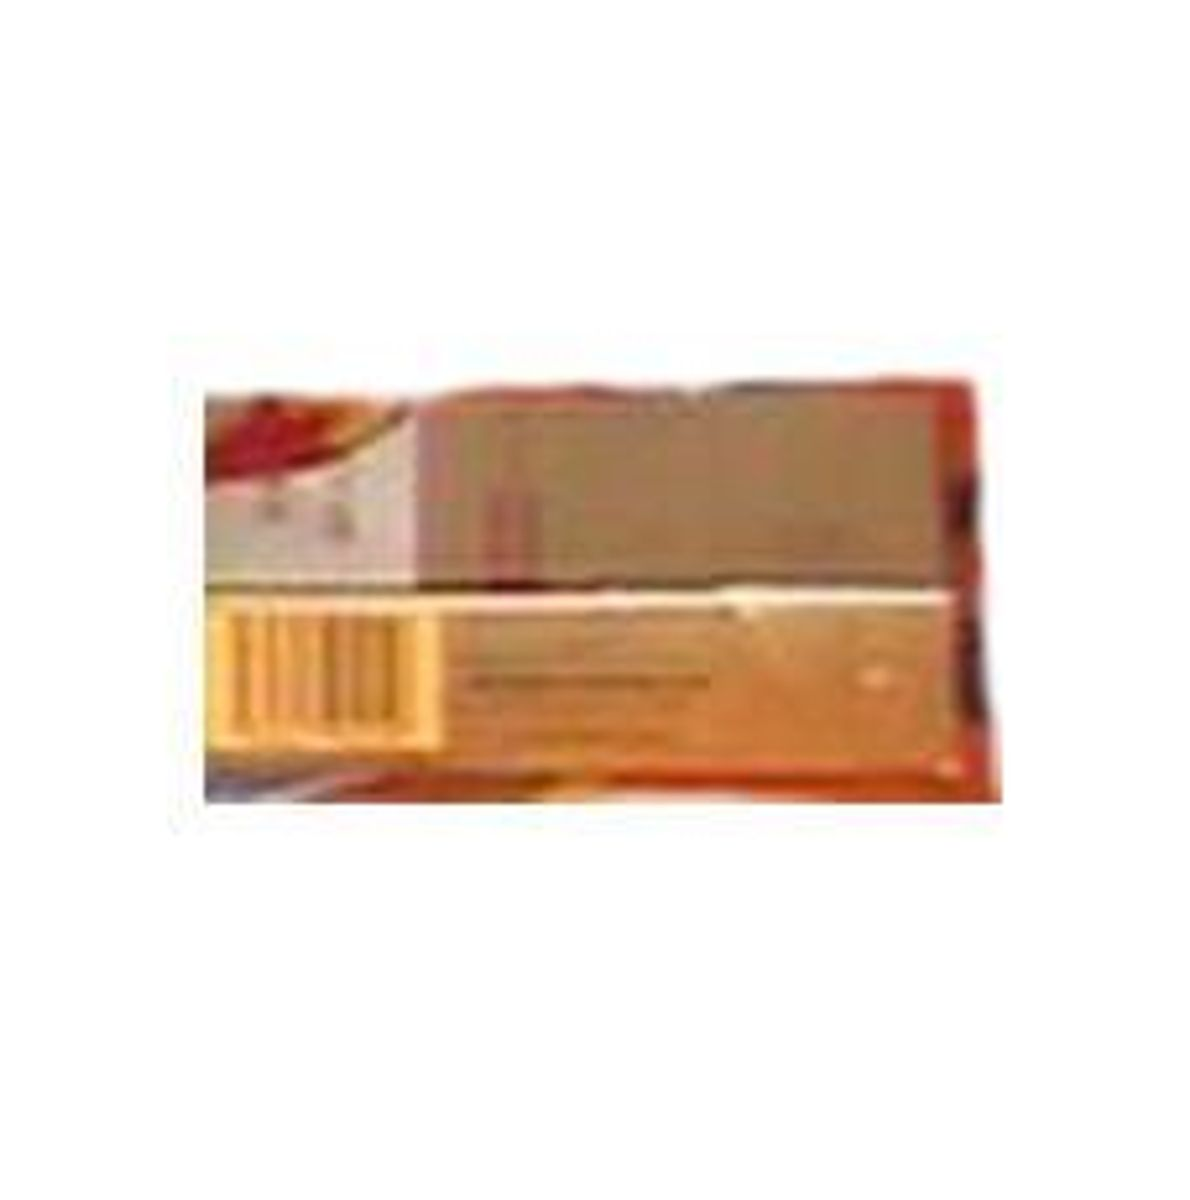 Cigaretter i guldindpakning. Kender du mærket? KLIK for flere billeder. Foto: Europol.